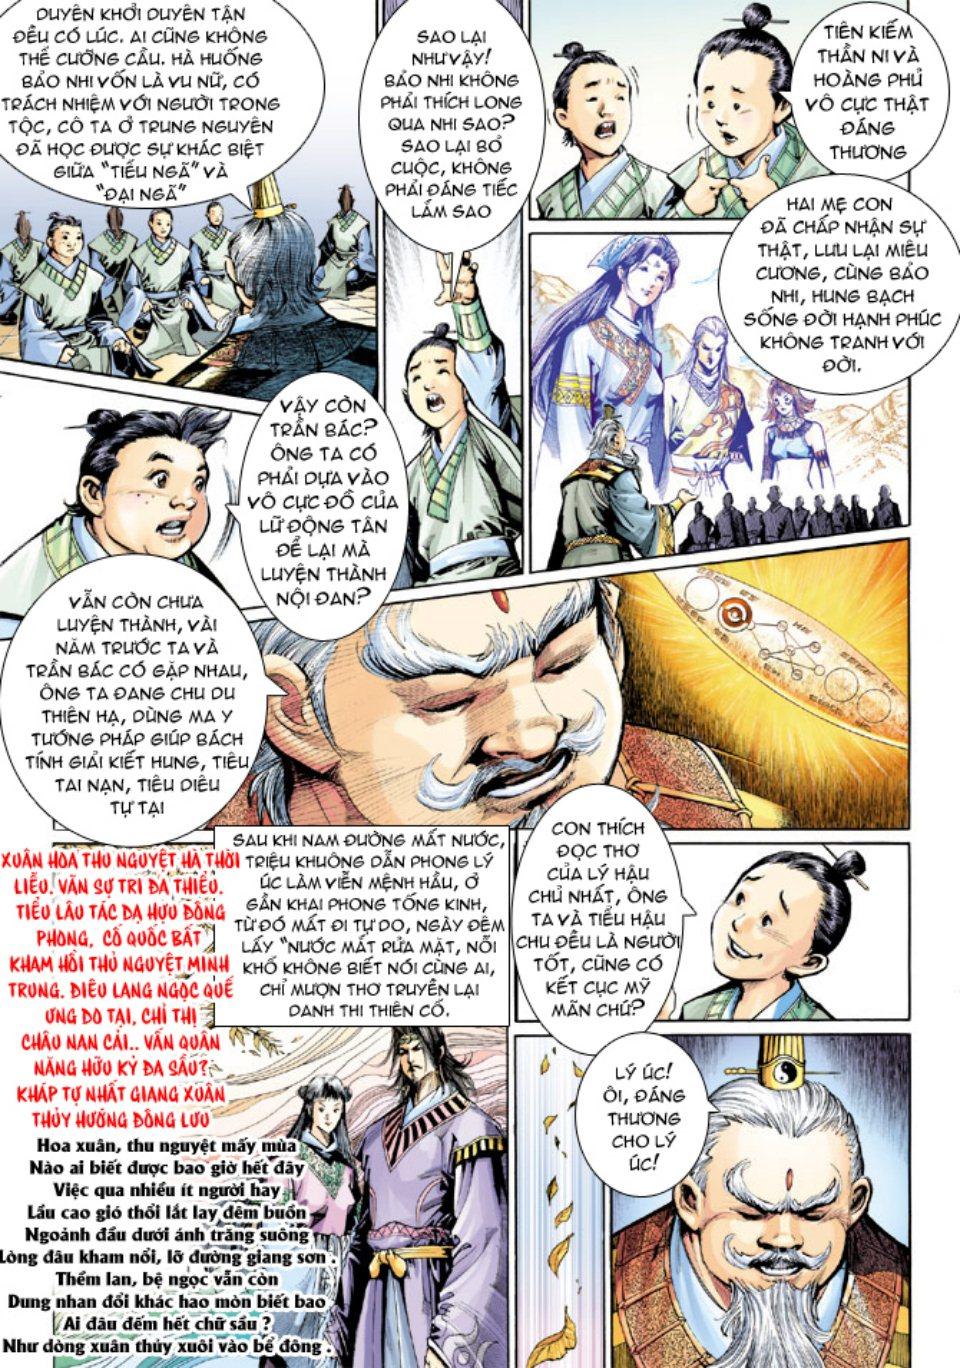 Thiên Tử Truyền Kỳ 5 – Như Lai Thần Chưởng chap 214 – End Trang 26 - Mangak.info